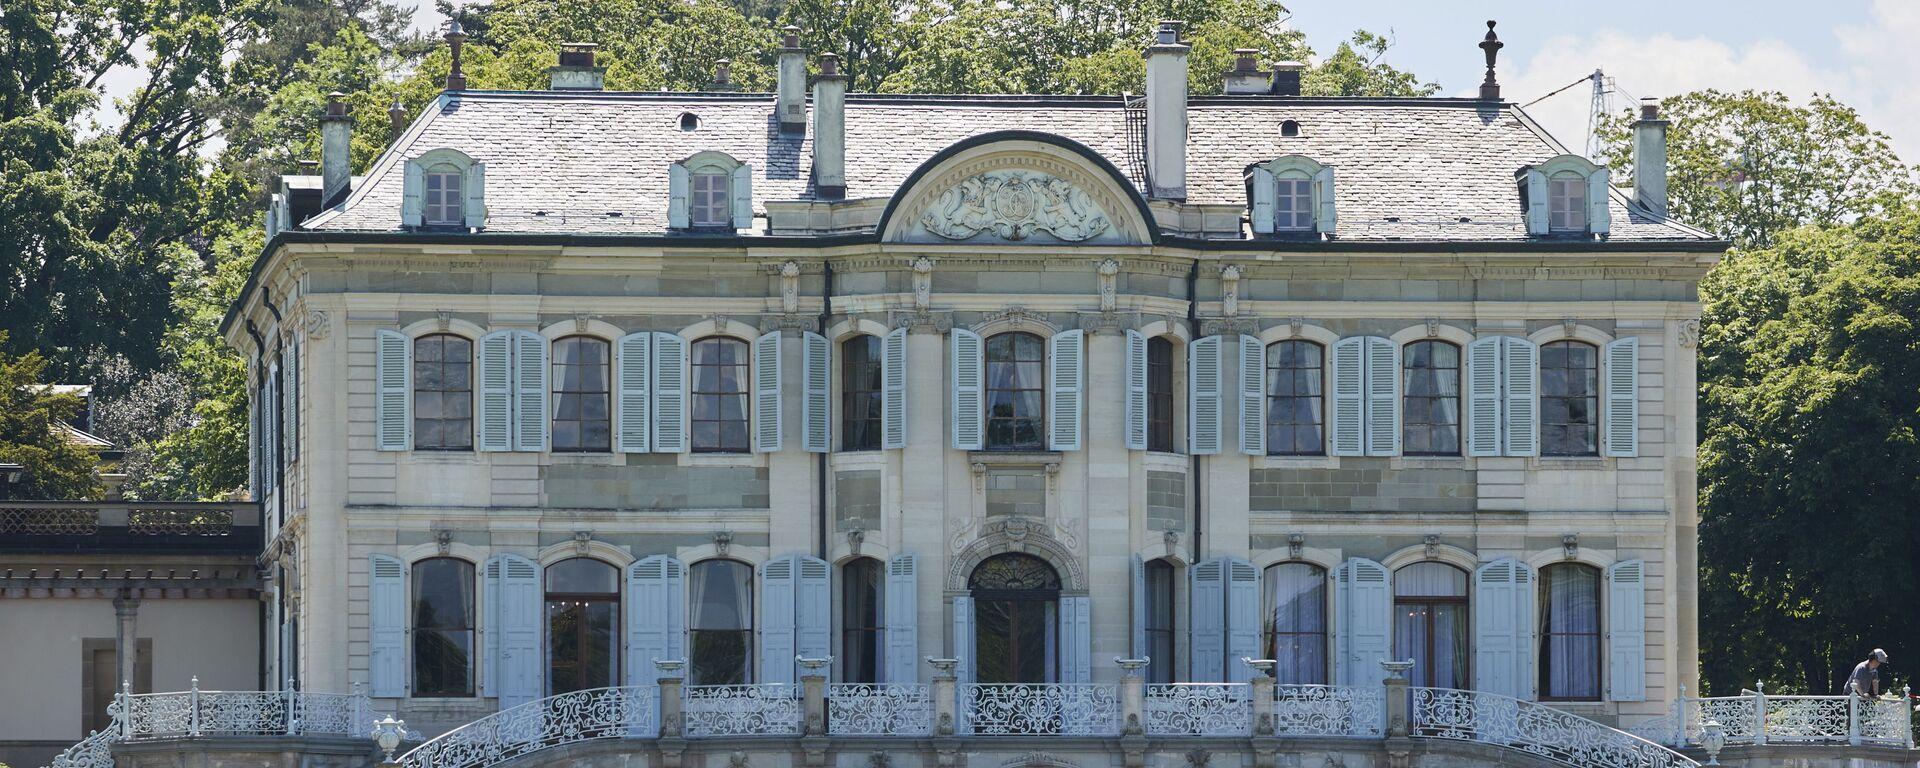 Villa La Grange a Ginevra, Svizzera - Sputnik Italia, 1920, 10.06.2021